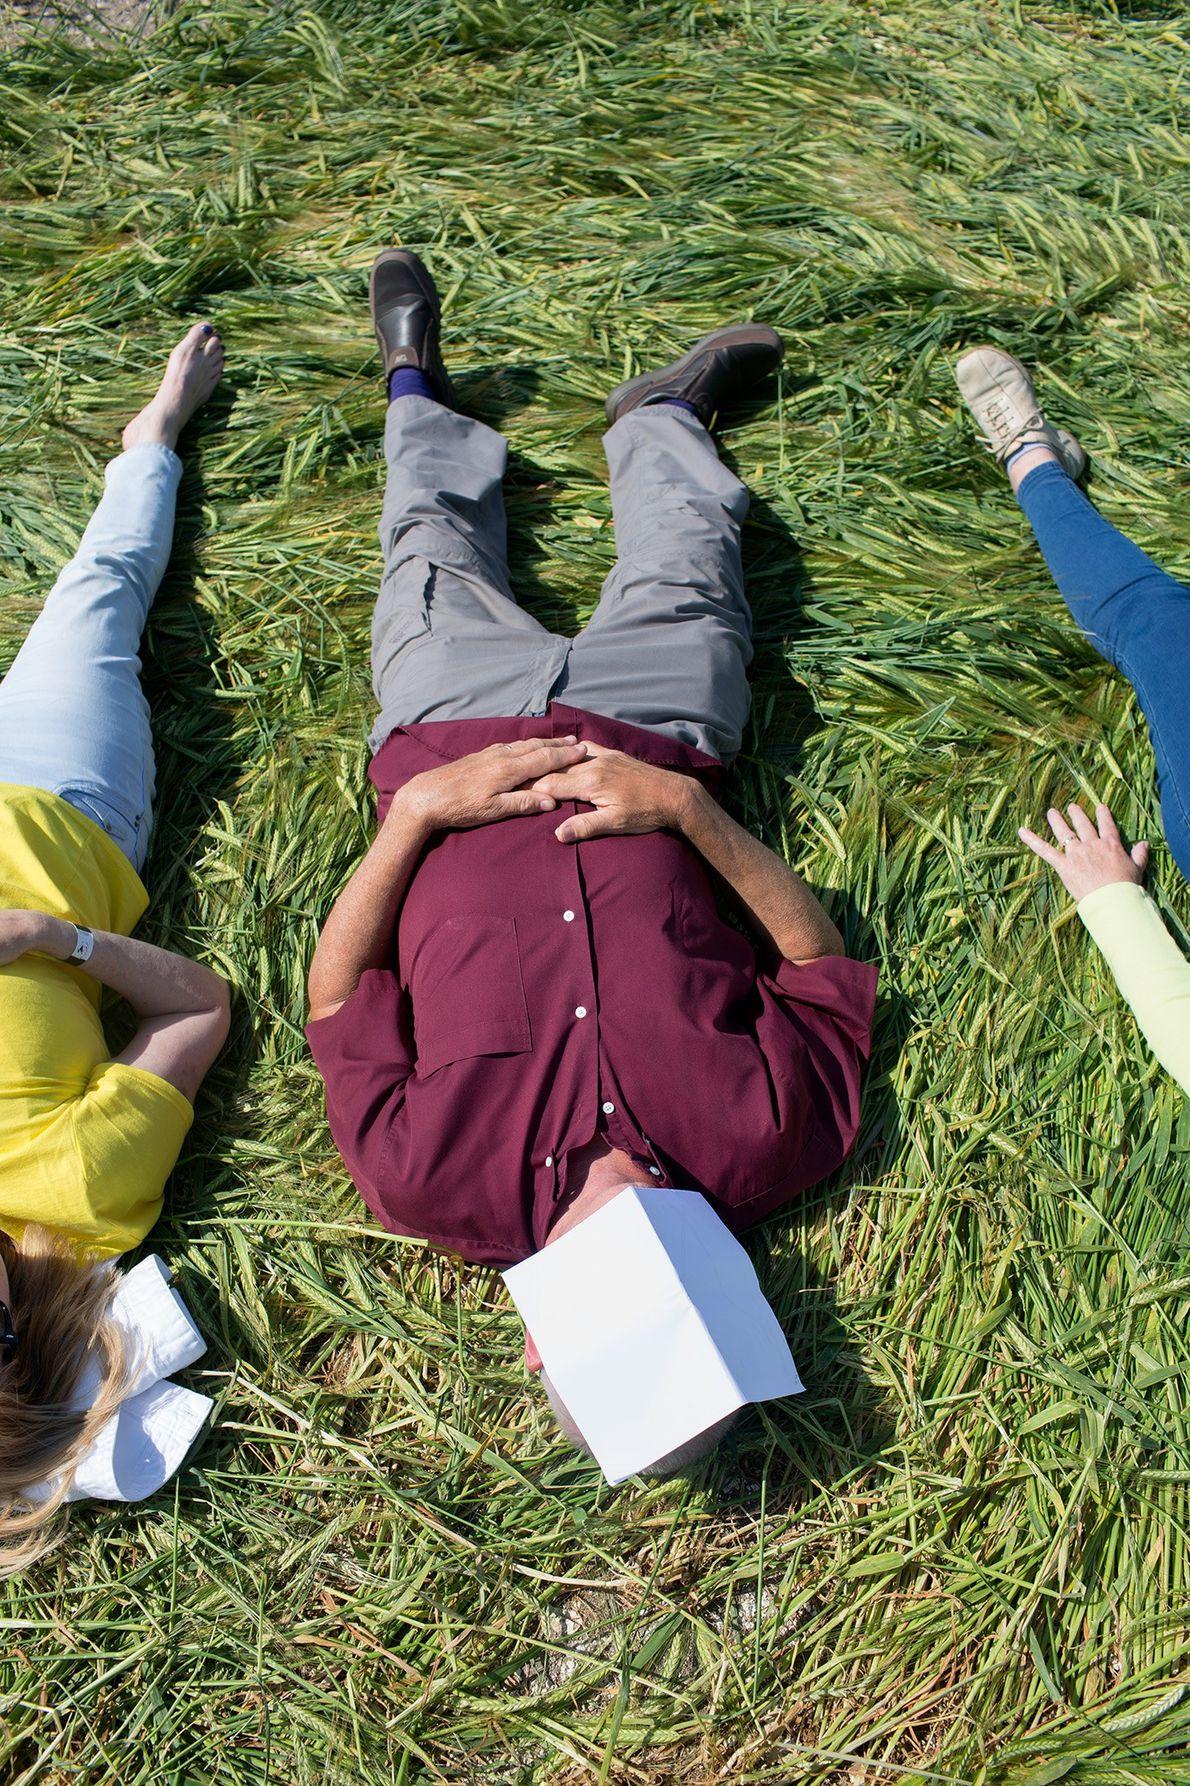 Des touristes s'allongent dans un agroglyphe du Dorset.